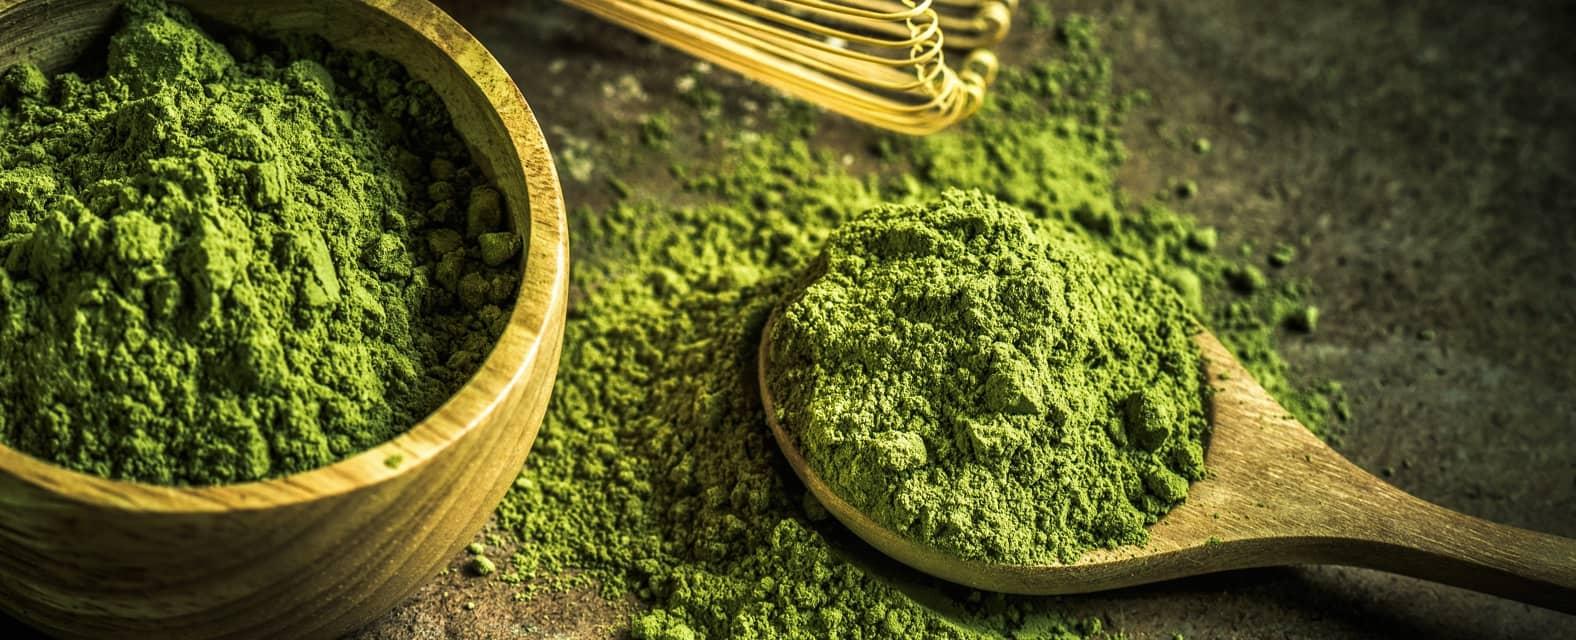 ประโยชน์ของชาเขียวมัทฉะ